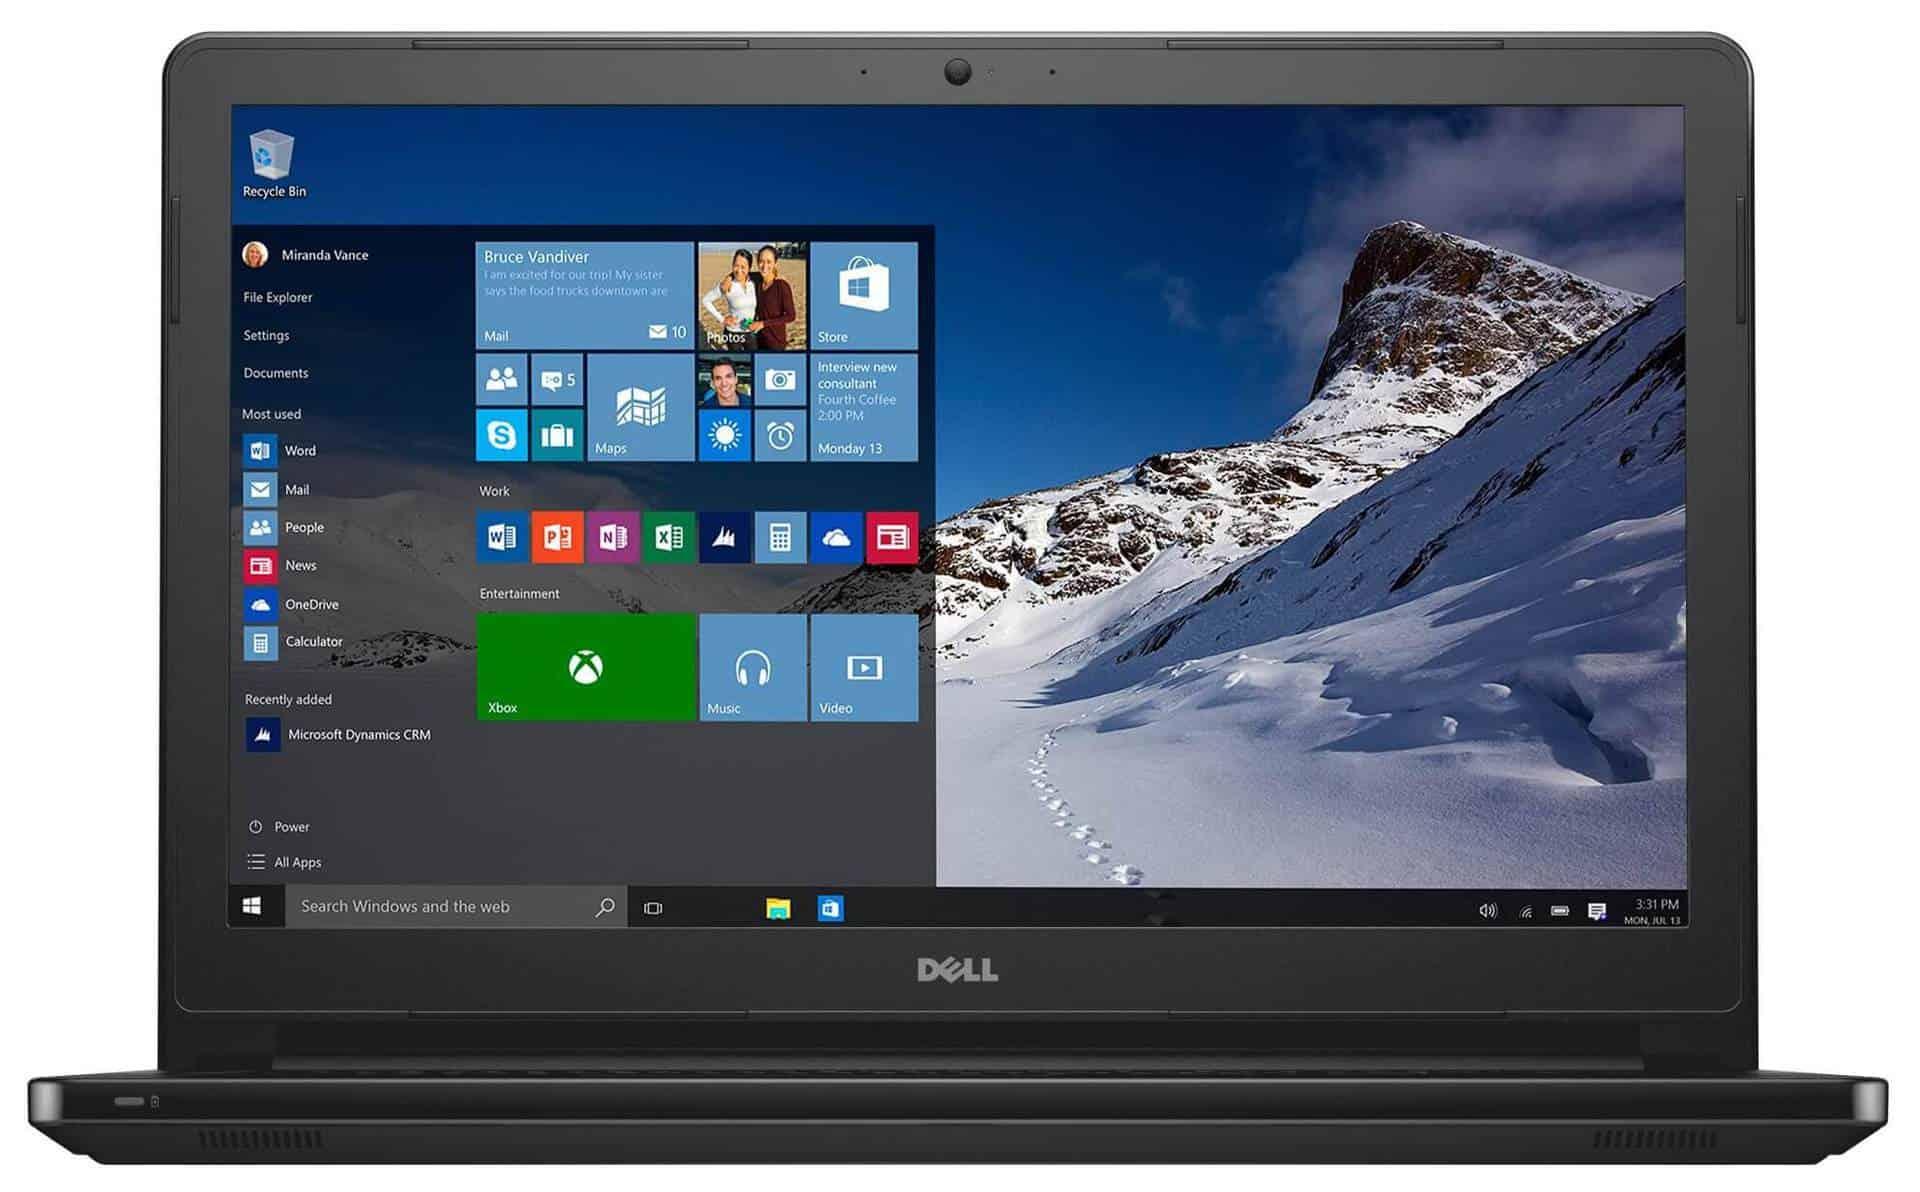 Dell Inspiron 5551